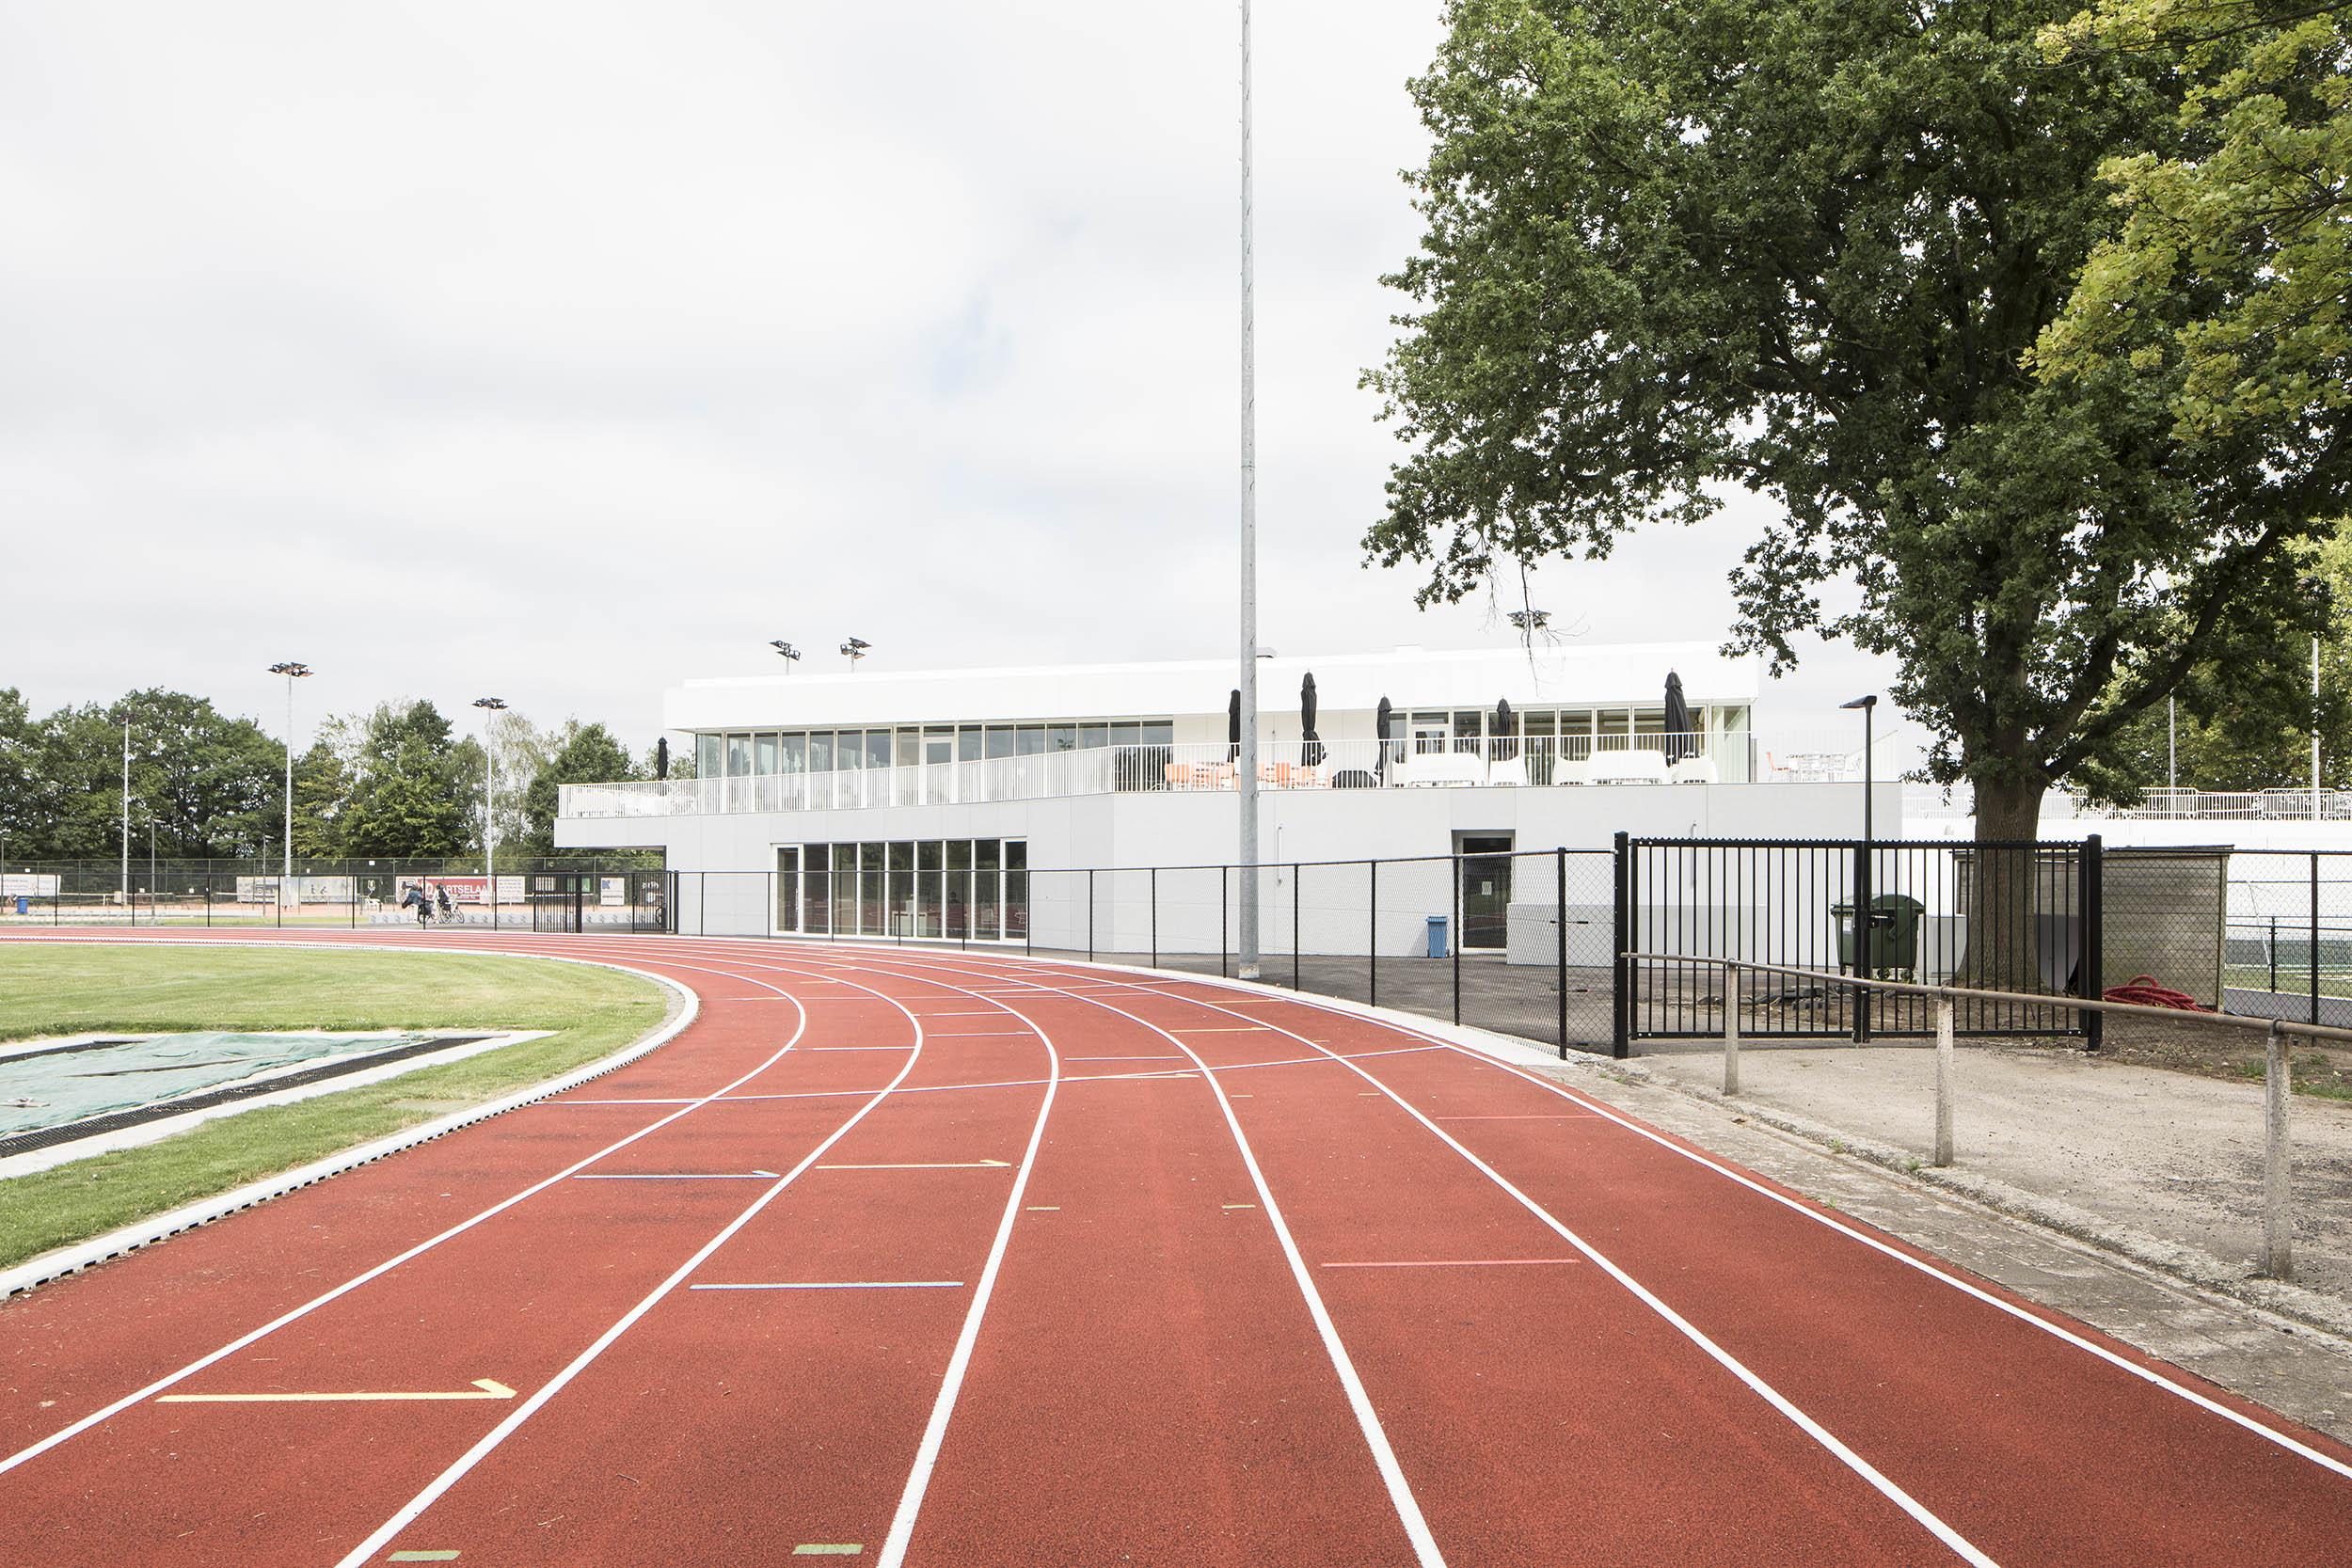 SvD_hvh_Aartselaar Sportcentrum-49.jpg